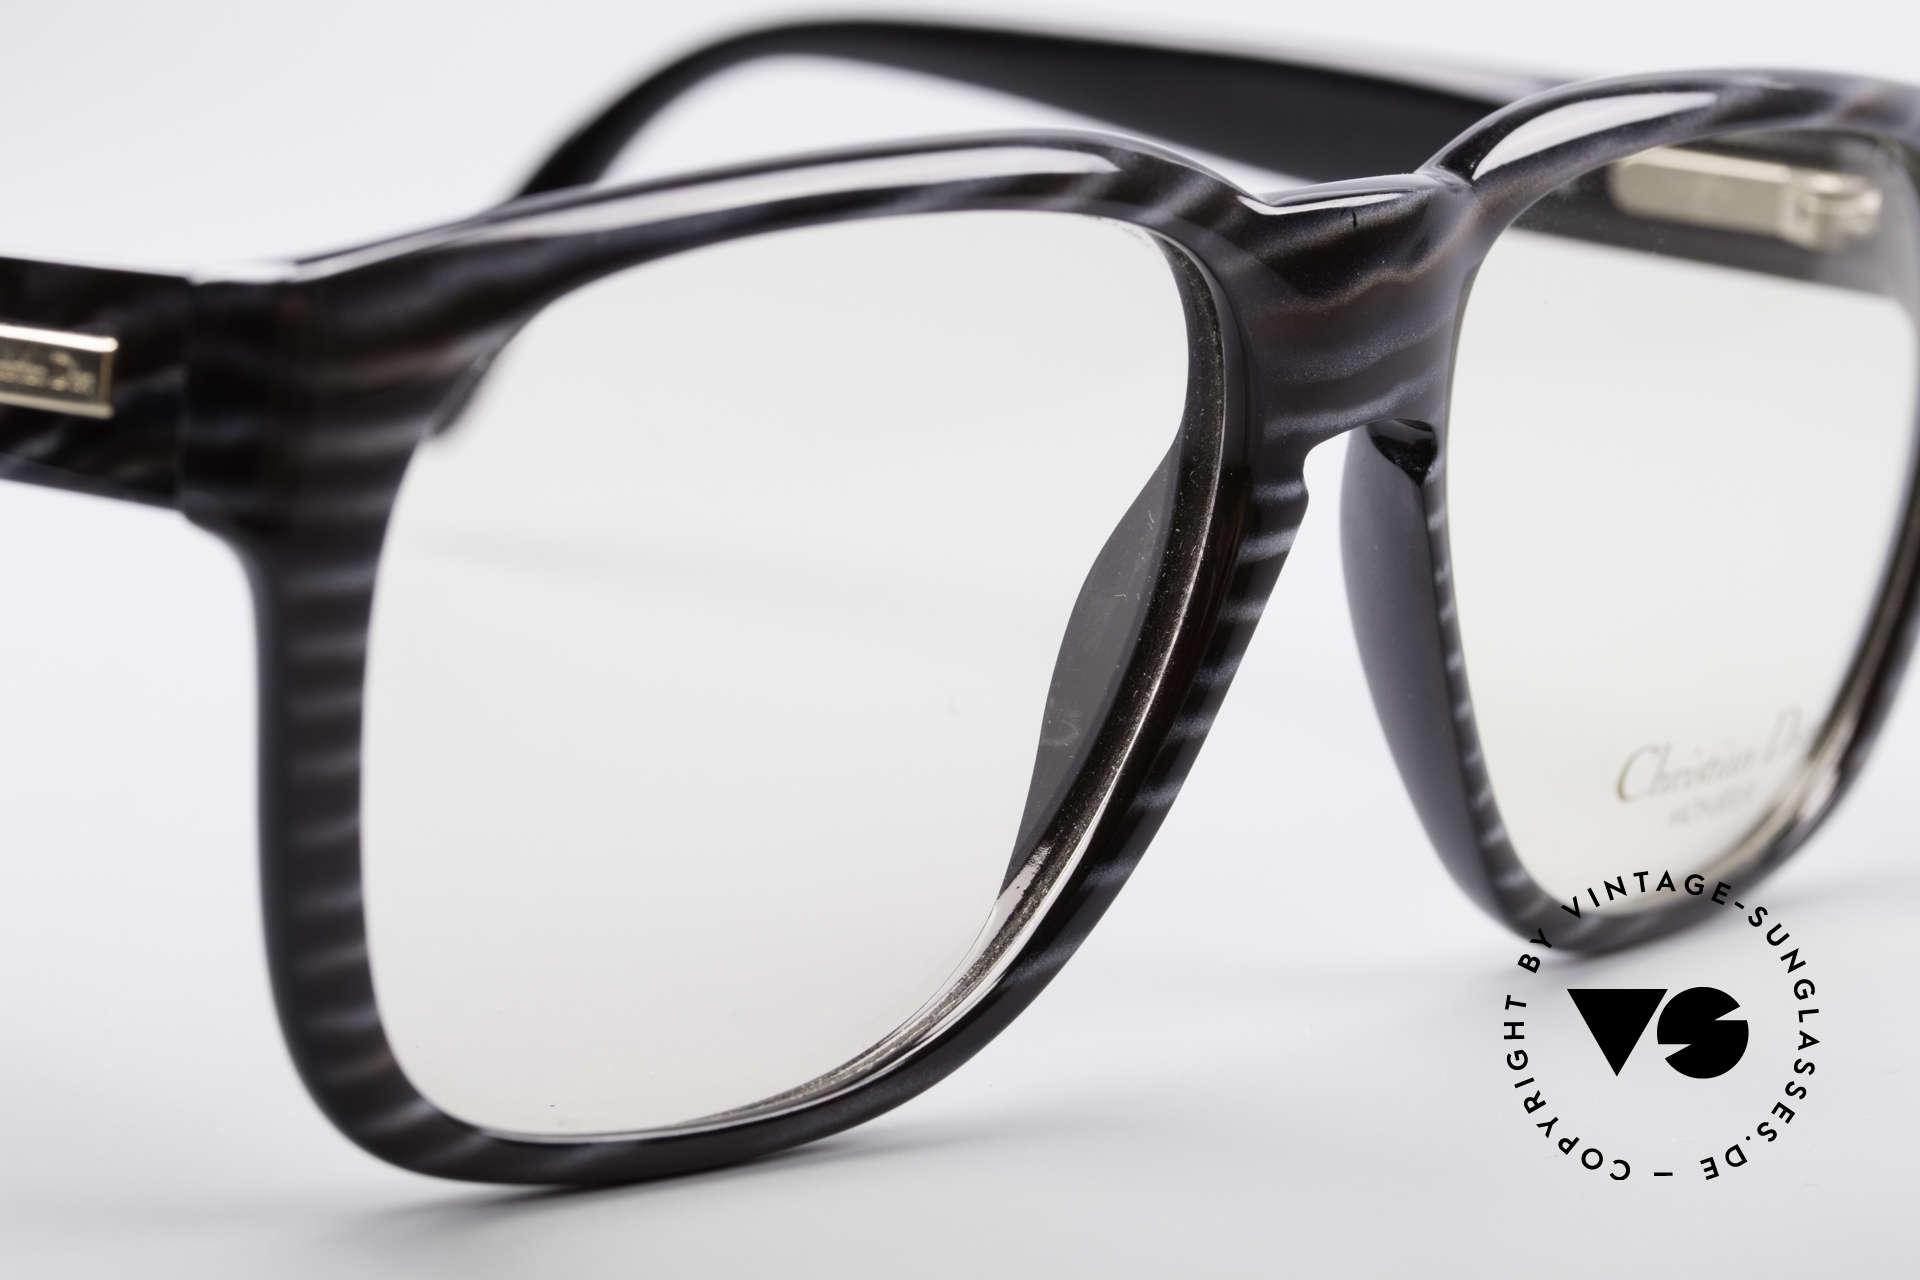 Christian Dior 2295 80's Designer Frame, new old stock (like all our vintage Dior eyeglasses), Made for Men